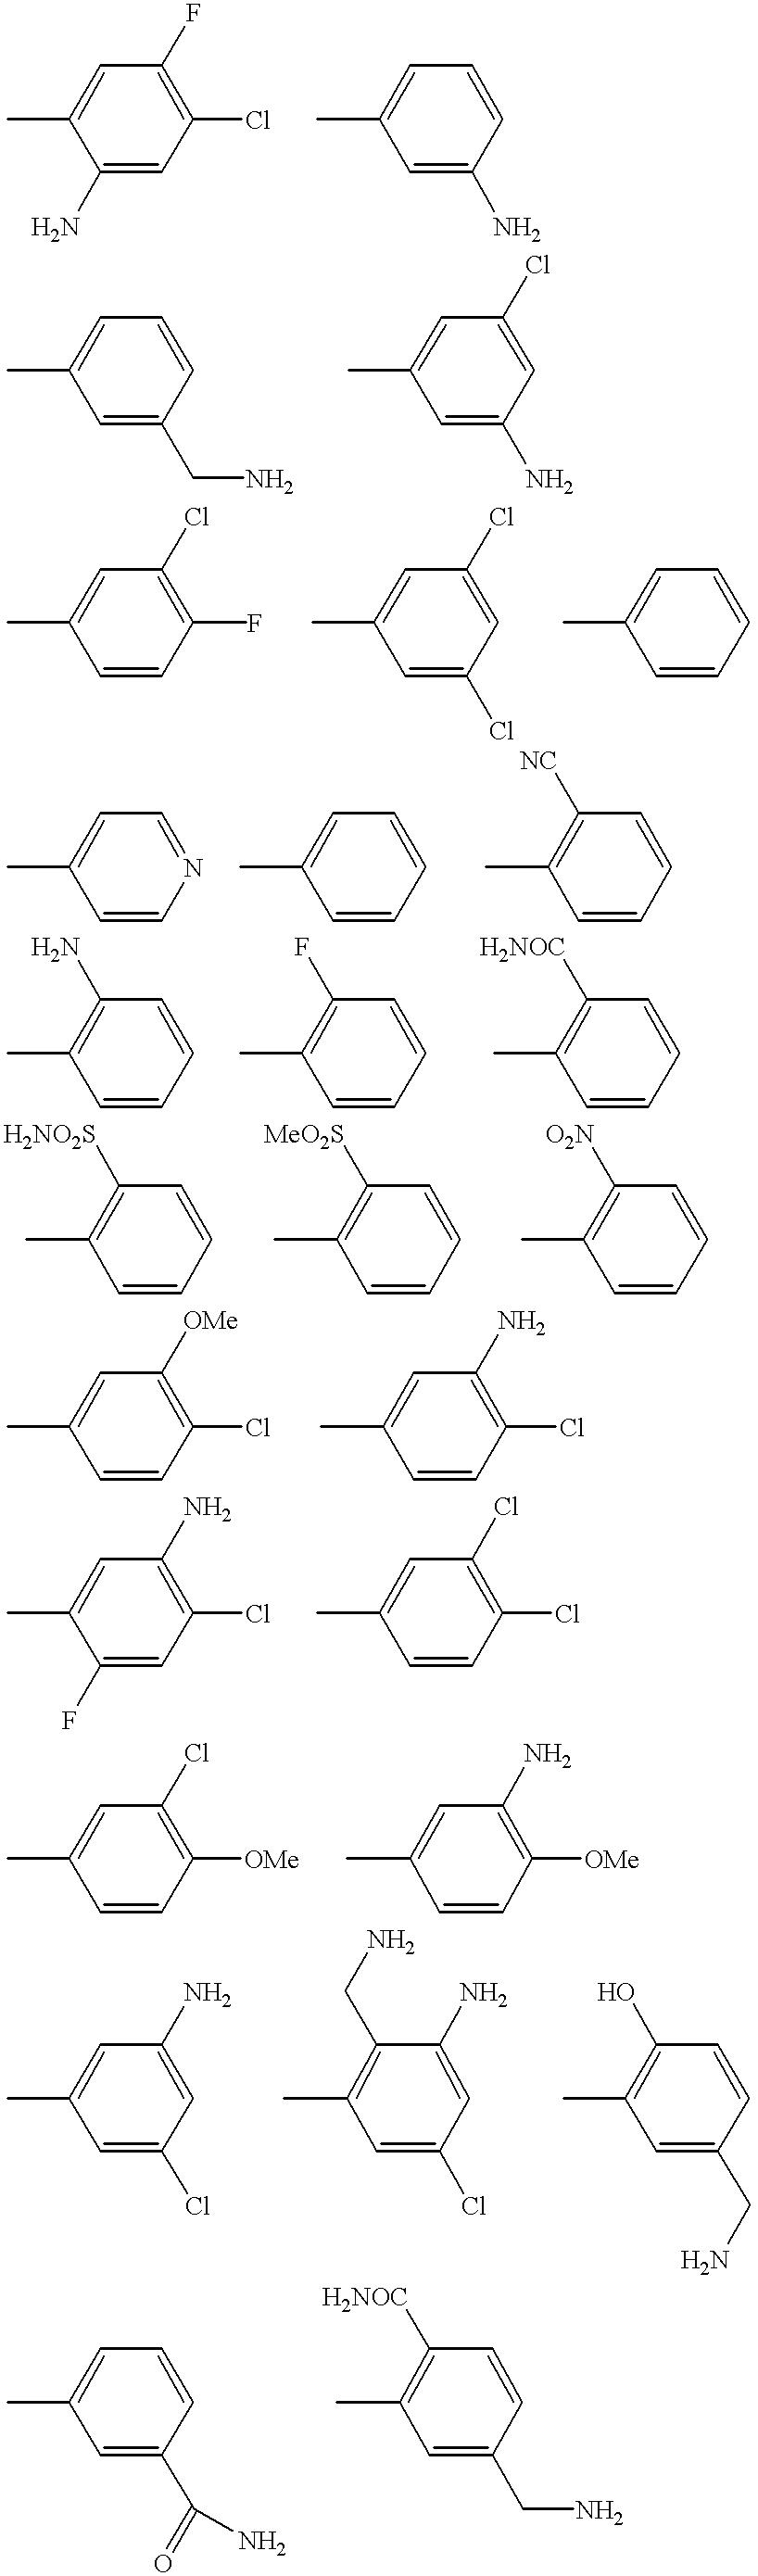 Figure US06376515-20020423-C00083